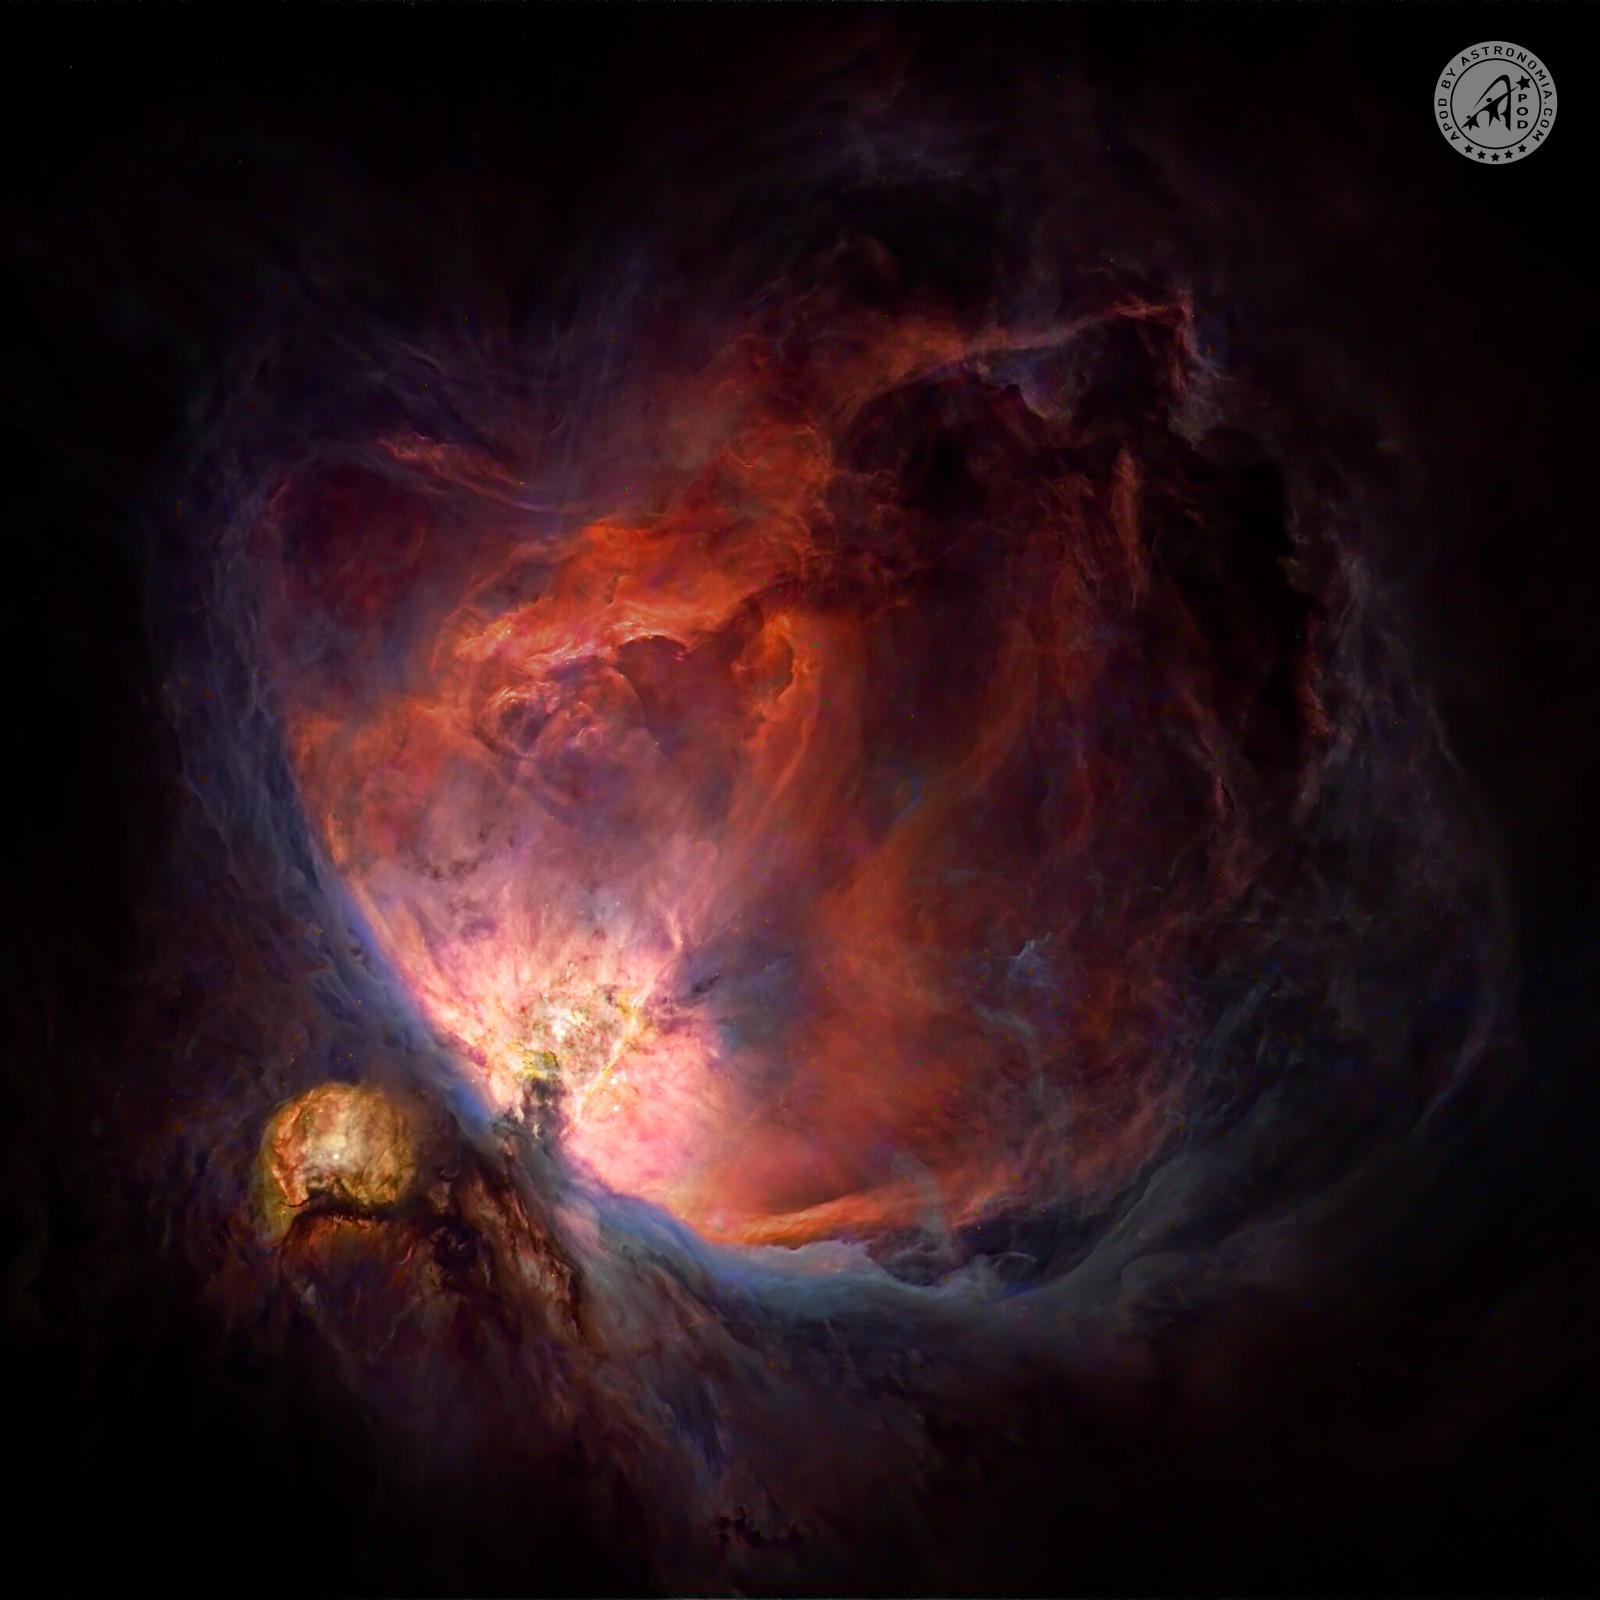 Video del mese, costellazioni, posizione dei pianeti, mappe stellari dettagliate, comete ed effemeridi. Tutti gli eventi astronomici di Febbraio 2021! - Copyright: Manuel Huss